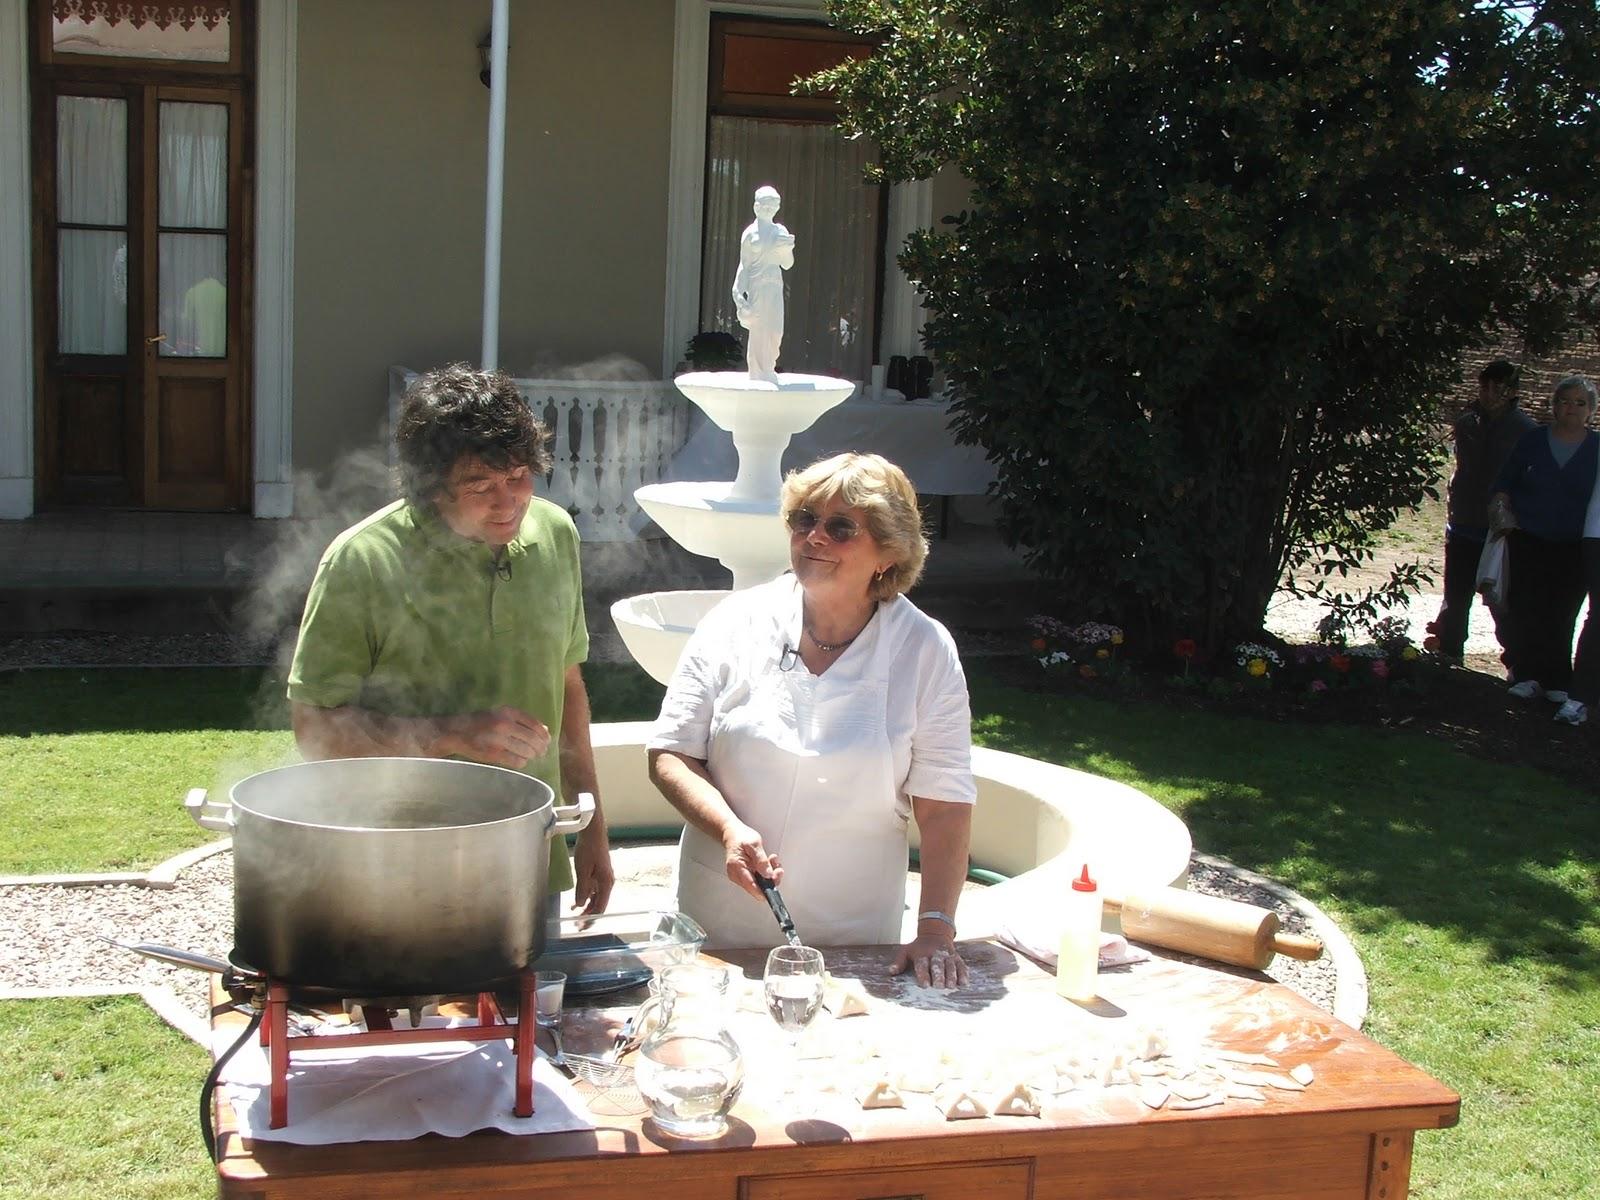 H ctor maier schwerdt nuestras colonias sabor argentina for Cocina 9 ariel rodriguez palacios facebook